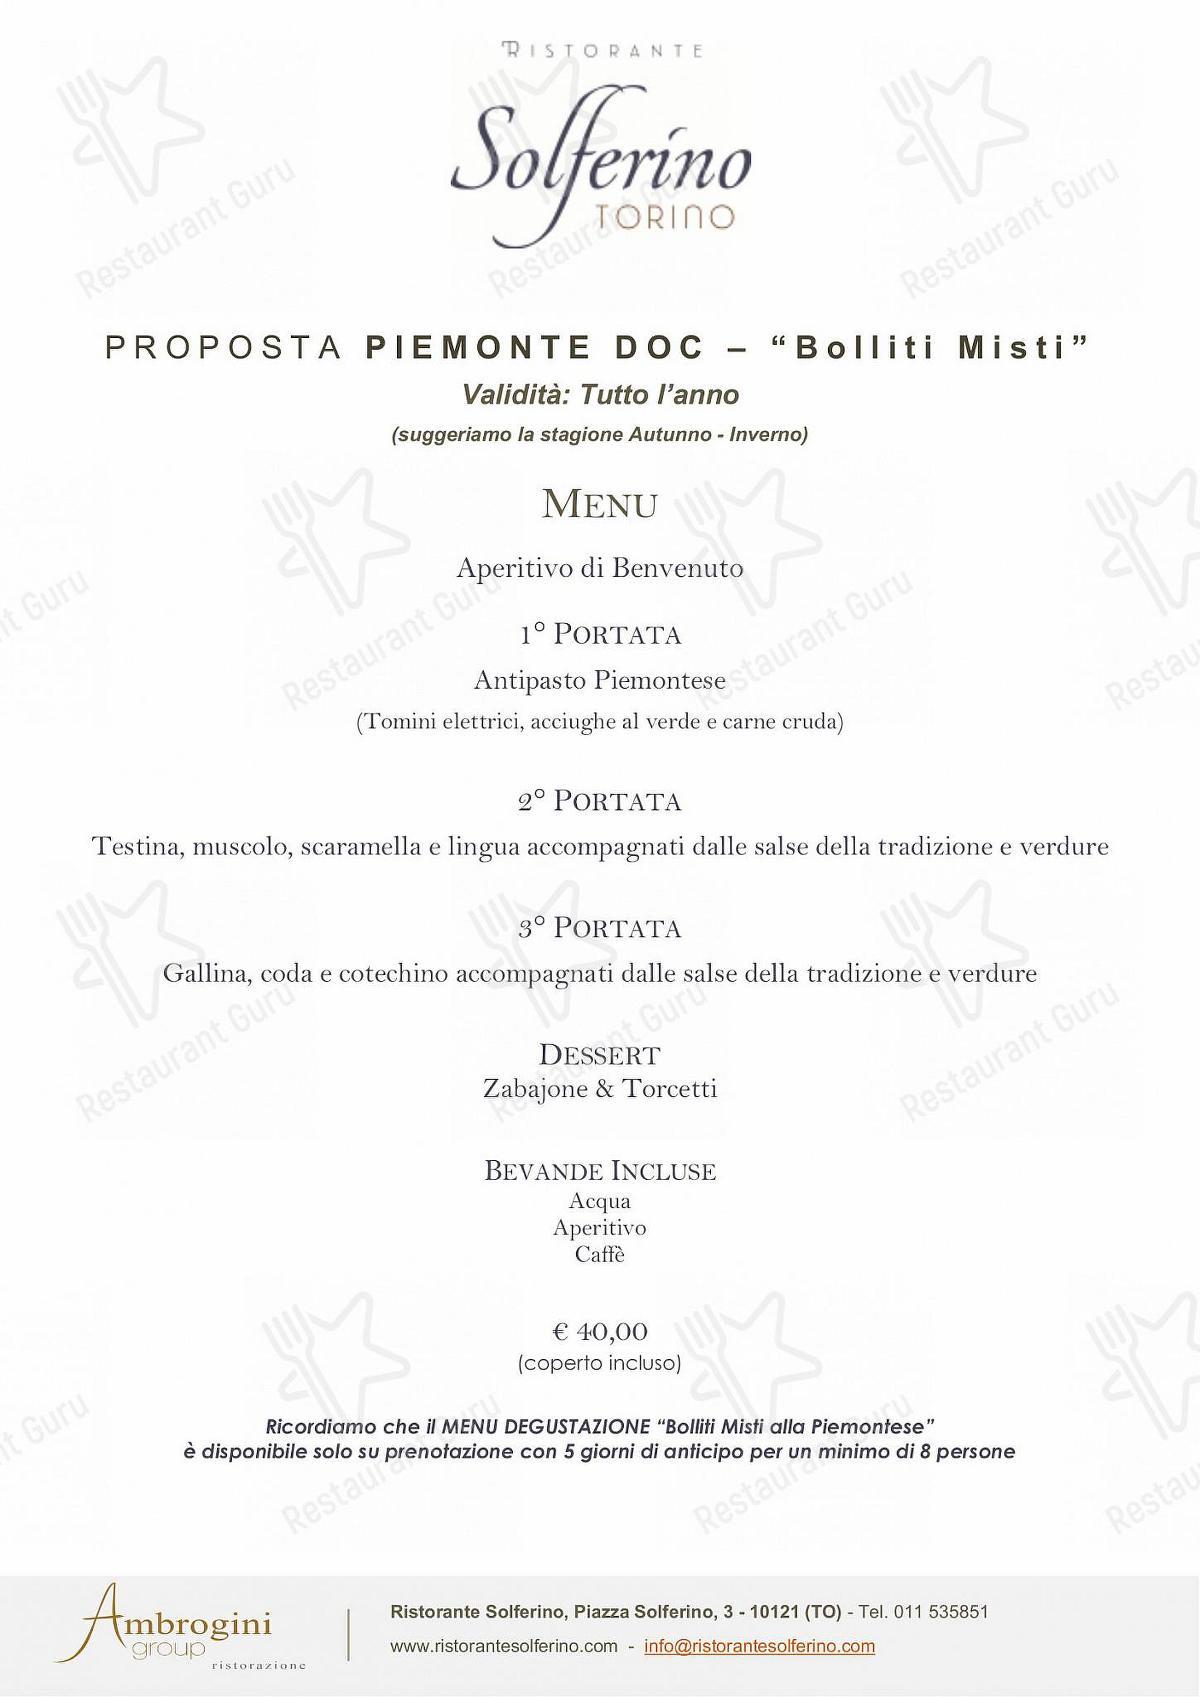 Menu per Ristorante Solferino Torino ristorante